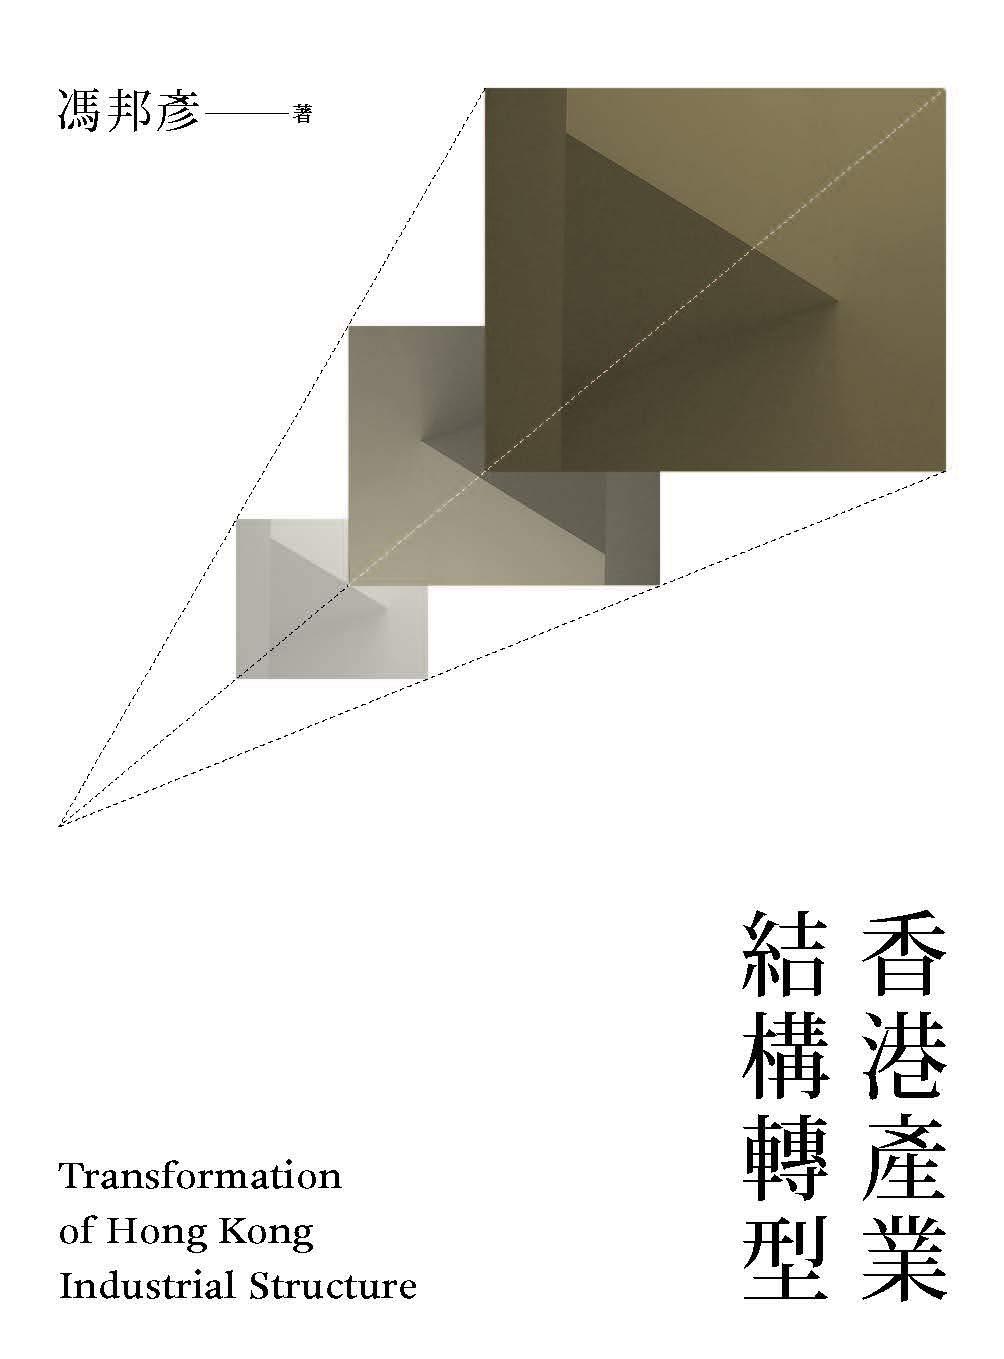 香港產業結構轉型 (Traditional Chinese Edition)